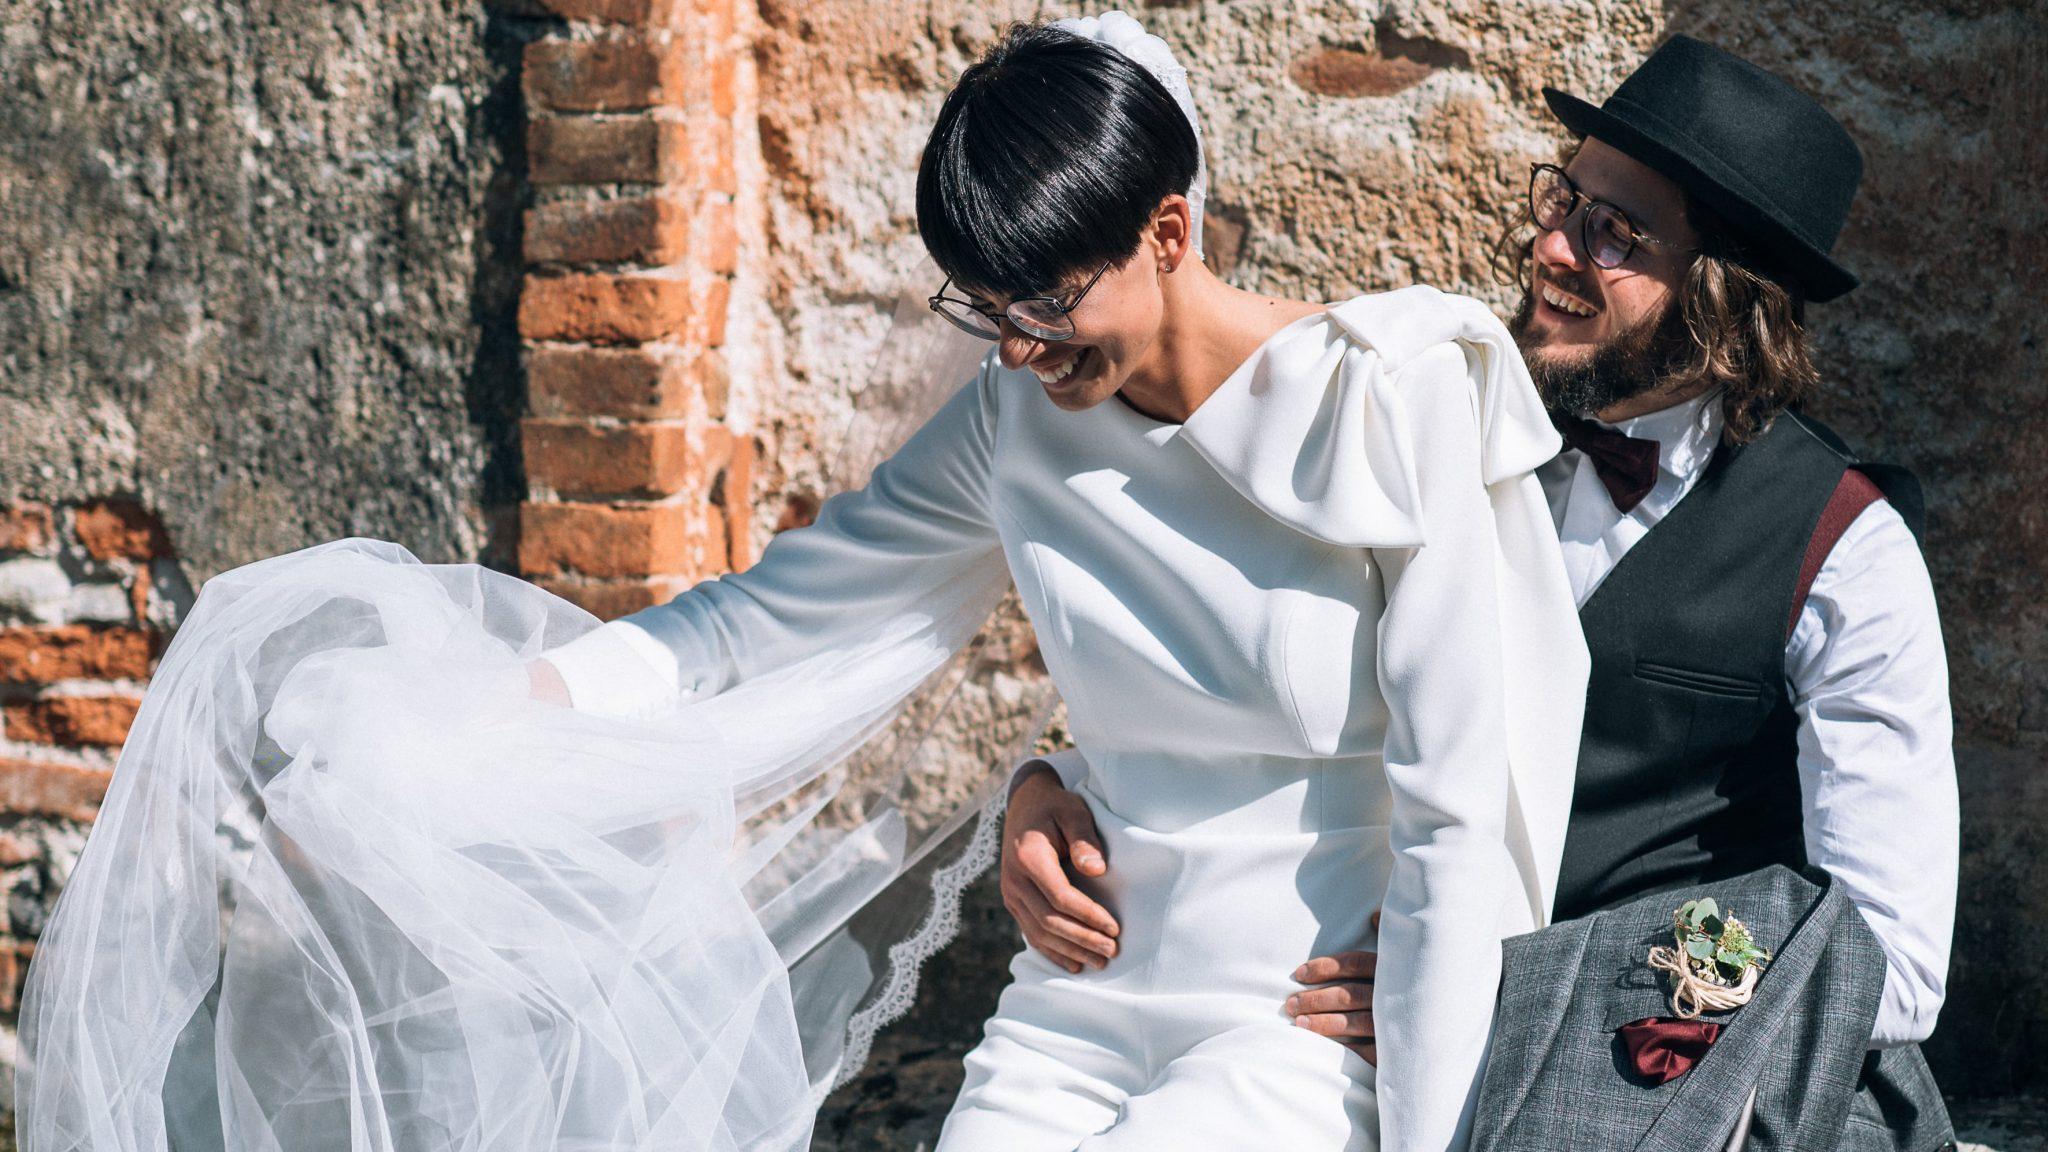 la sposa sorride mentre si sposta il velo sulle ginocchia dello sposo che l'abbraccia ridendo